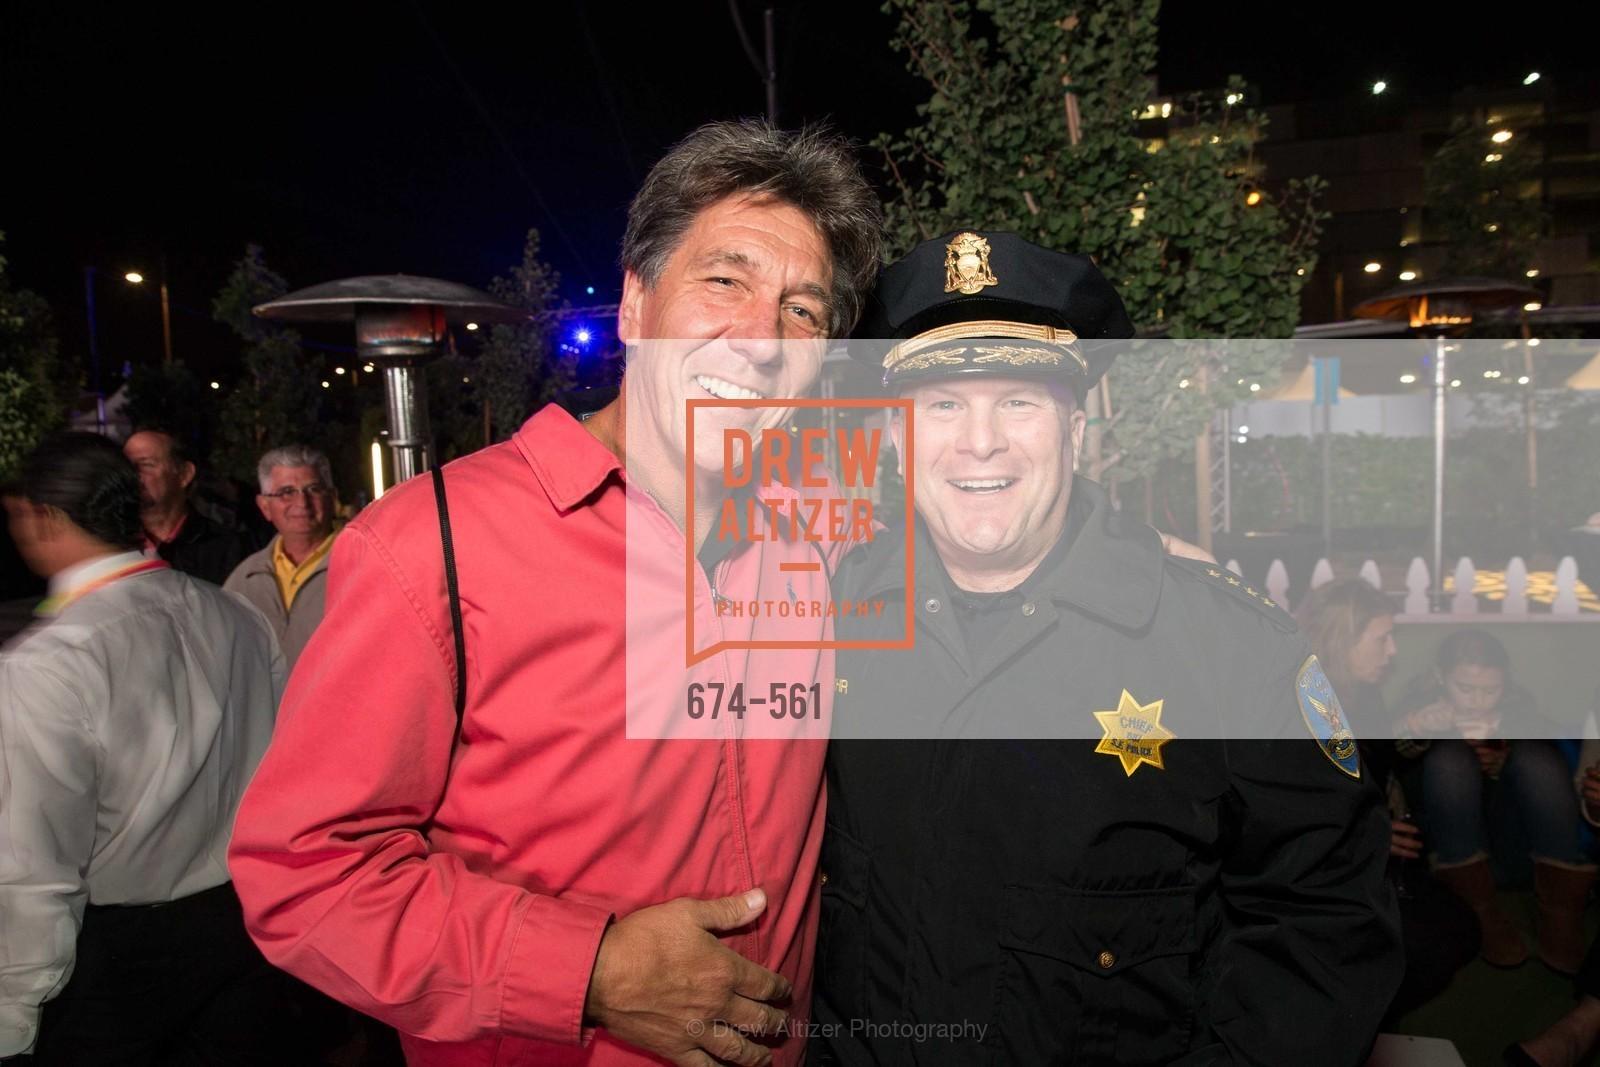 Greg Suhr, Photo #674-561